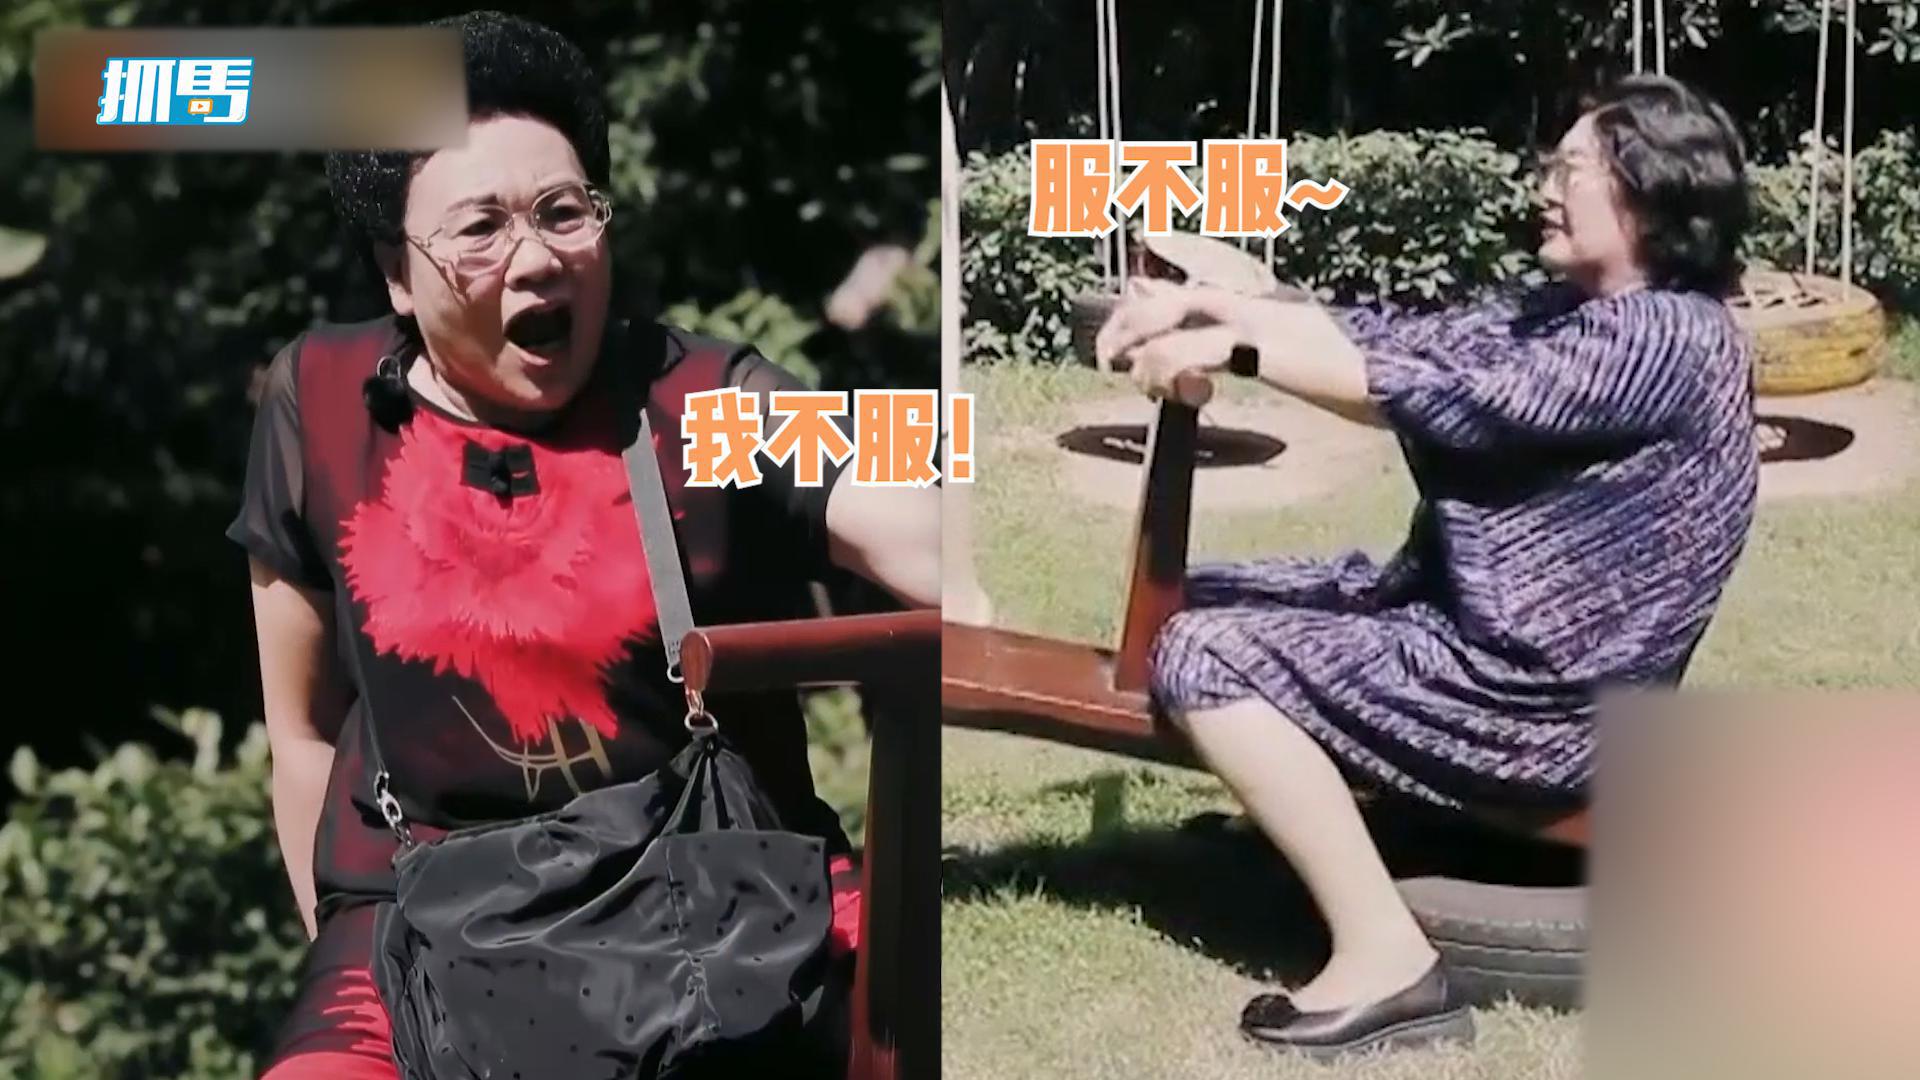 秦昊妈和张伦硕妈玩跷跷板,秦妈体重被力压,急到尖叫狂蹬小短腿